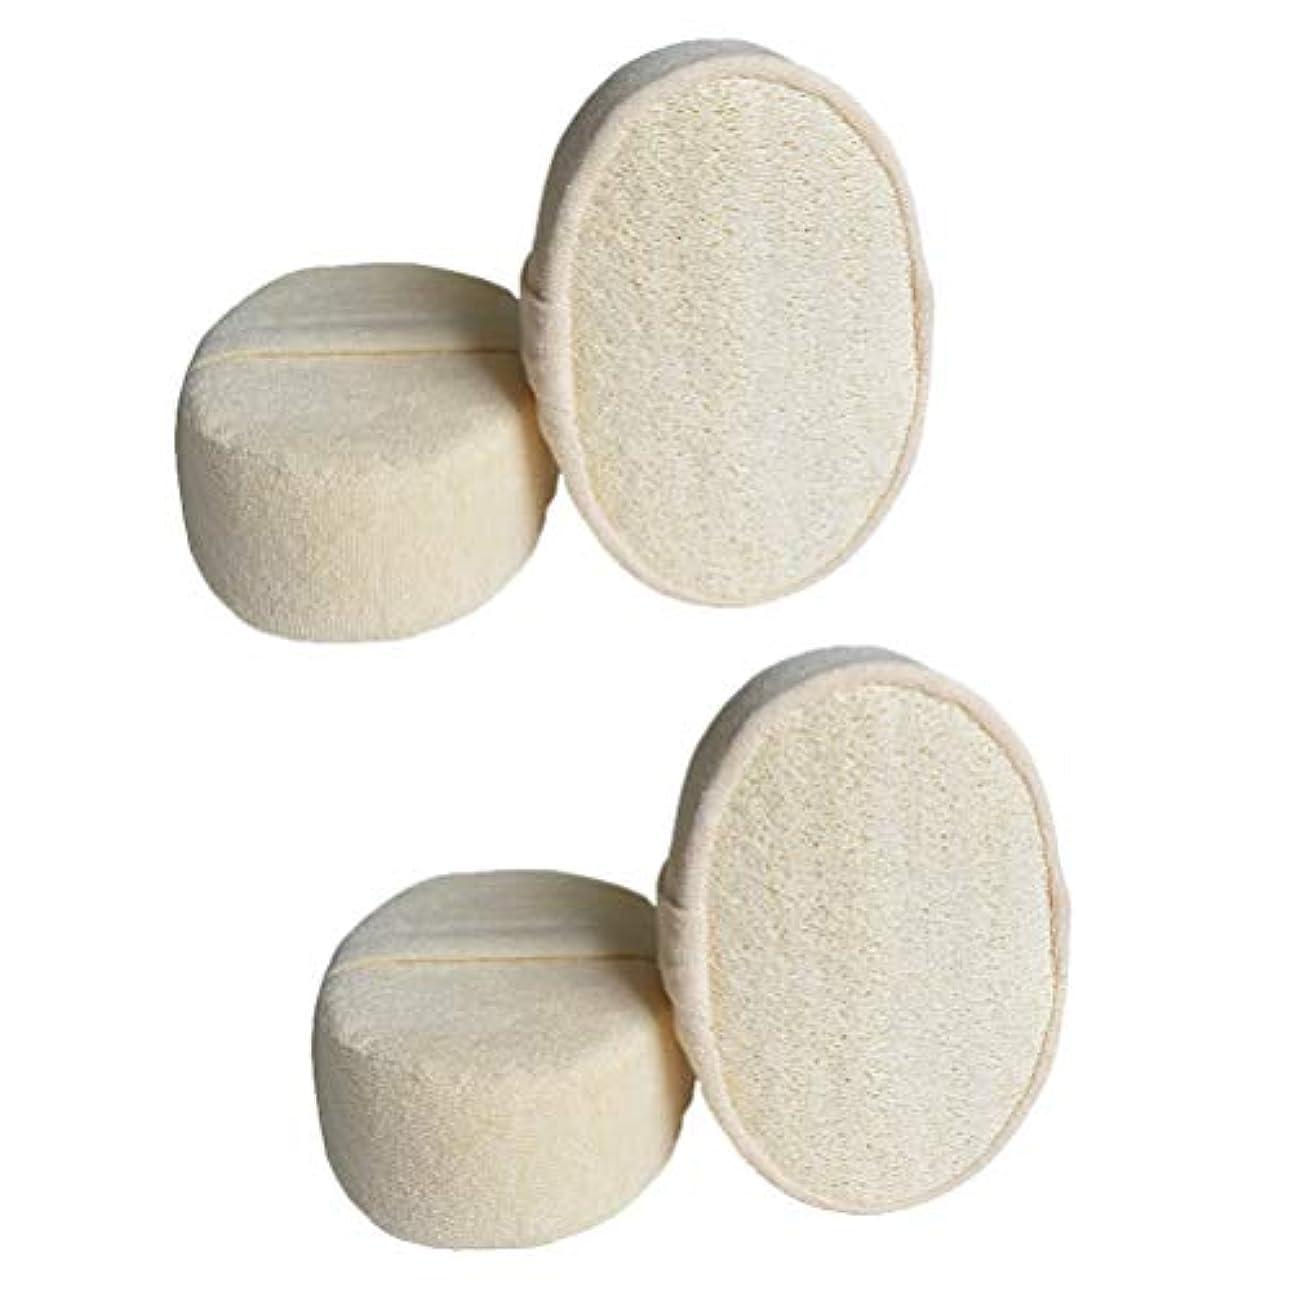 ガード化学コジオスコHealifty 4ピース剥離剥離剤パッドloofaスポンジスクラバーブラシ用風呂スパシャワー